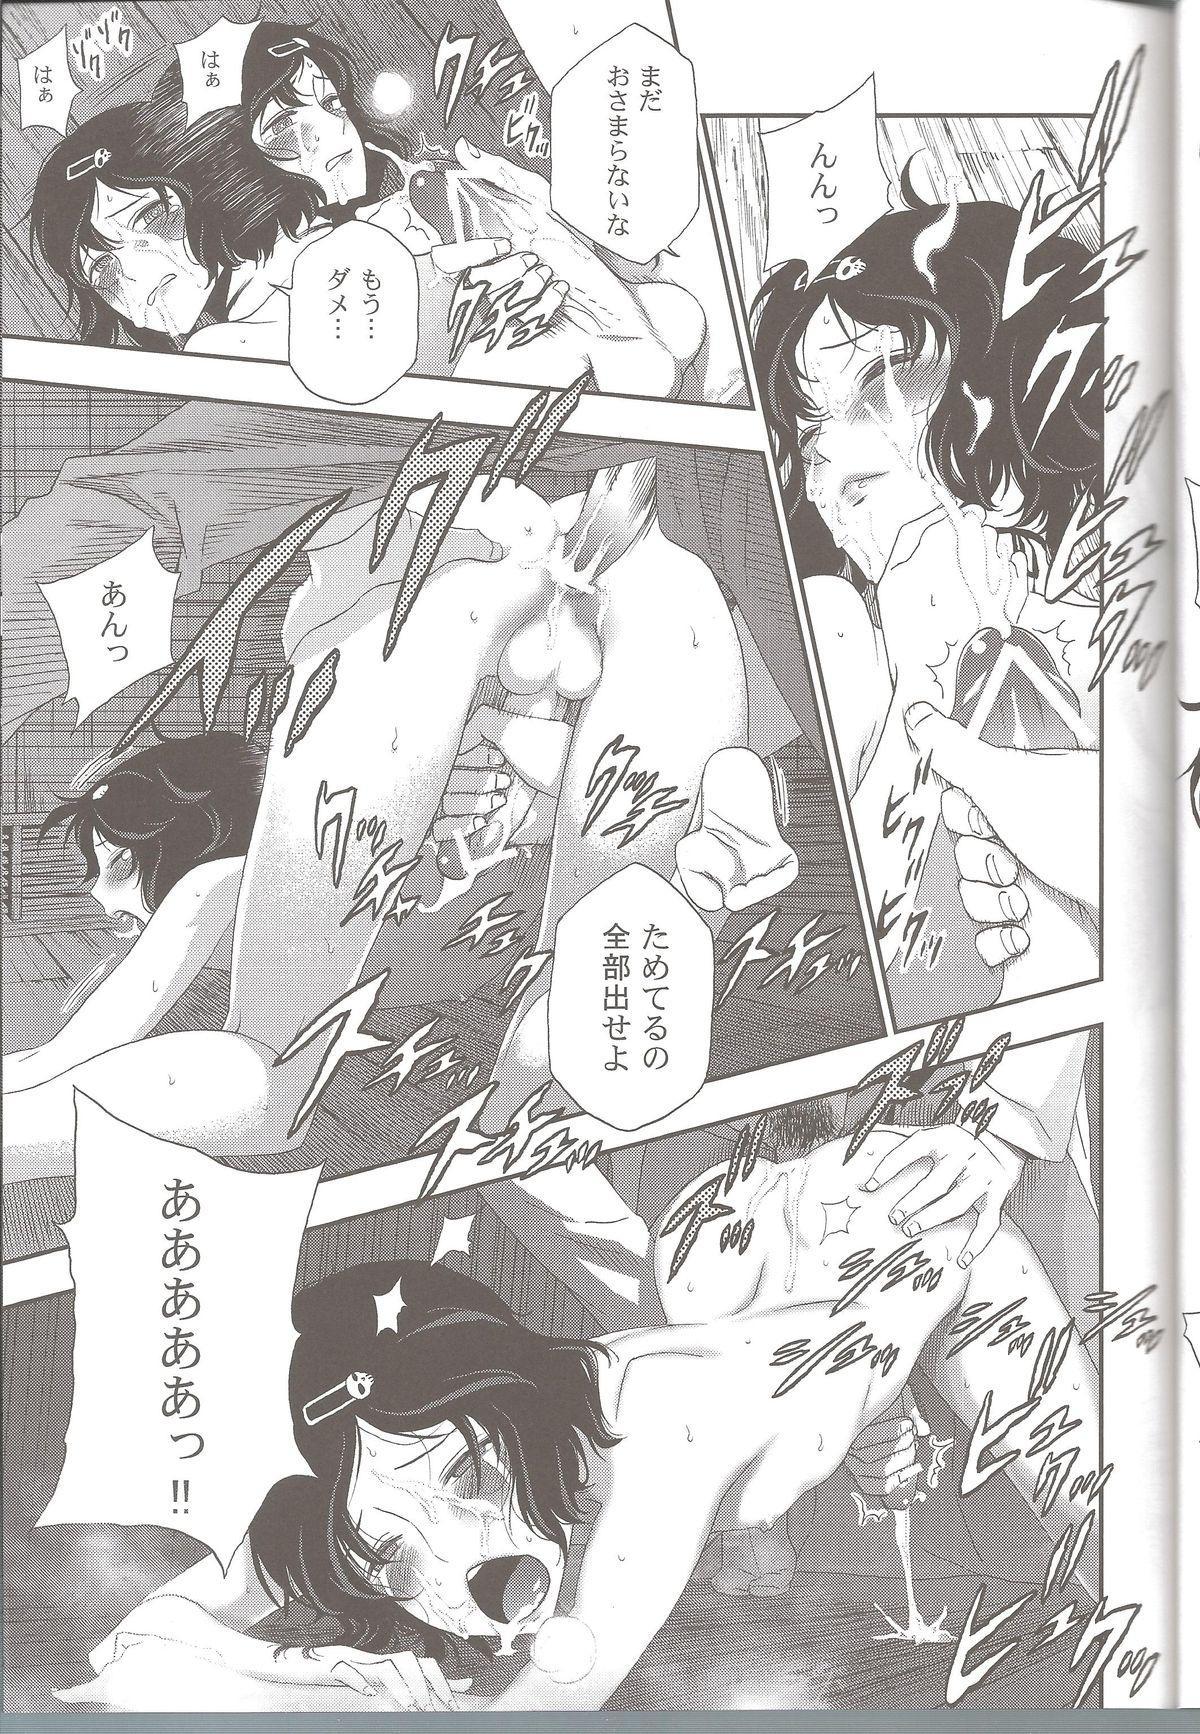 Shiiseishou no Maria 32